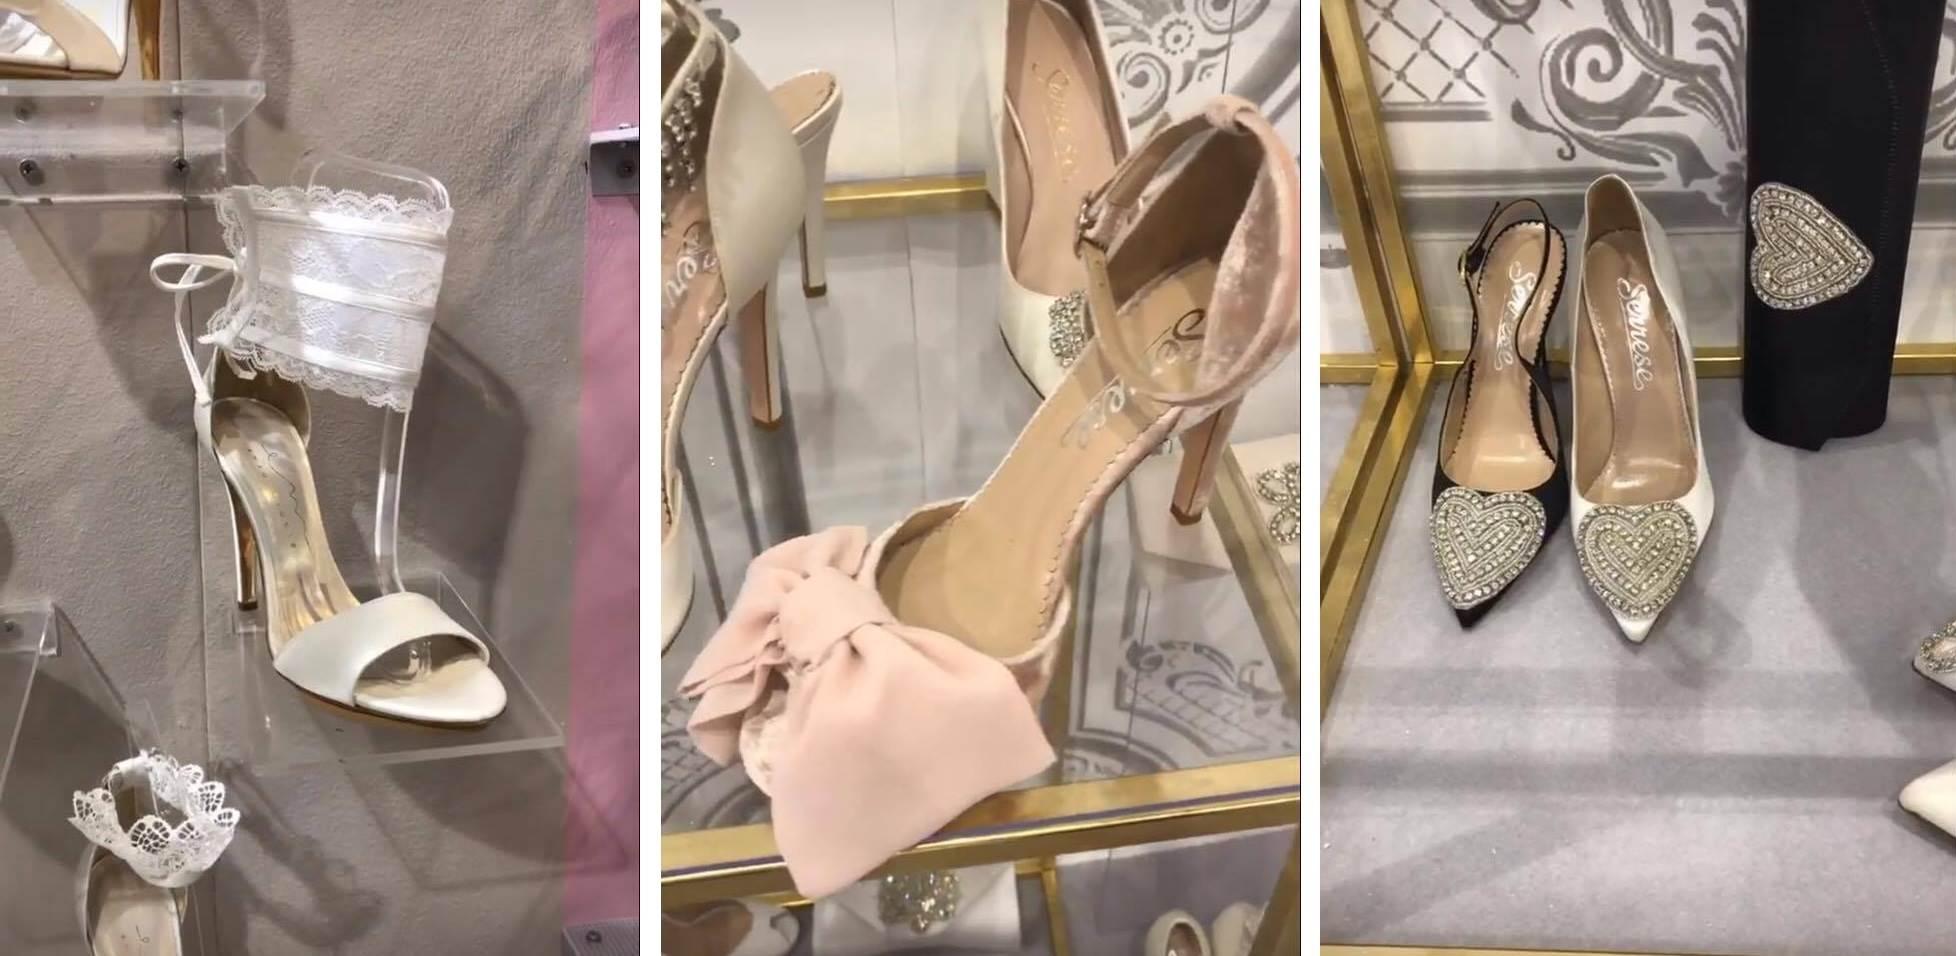 scarpe da skate ultimo stile del 2019 qualità superiore Foto scarpe - Weddings